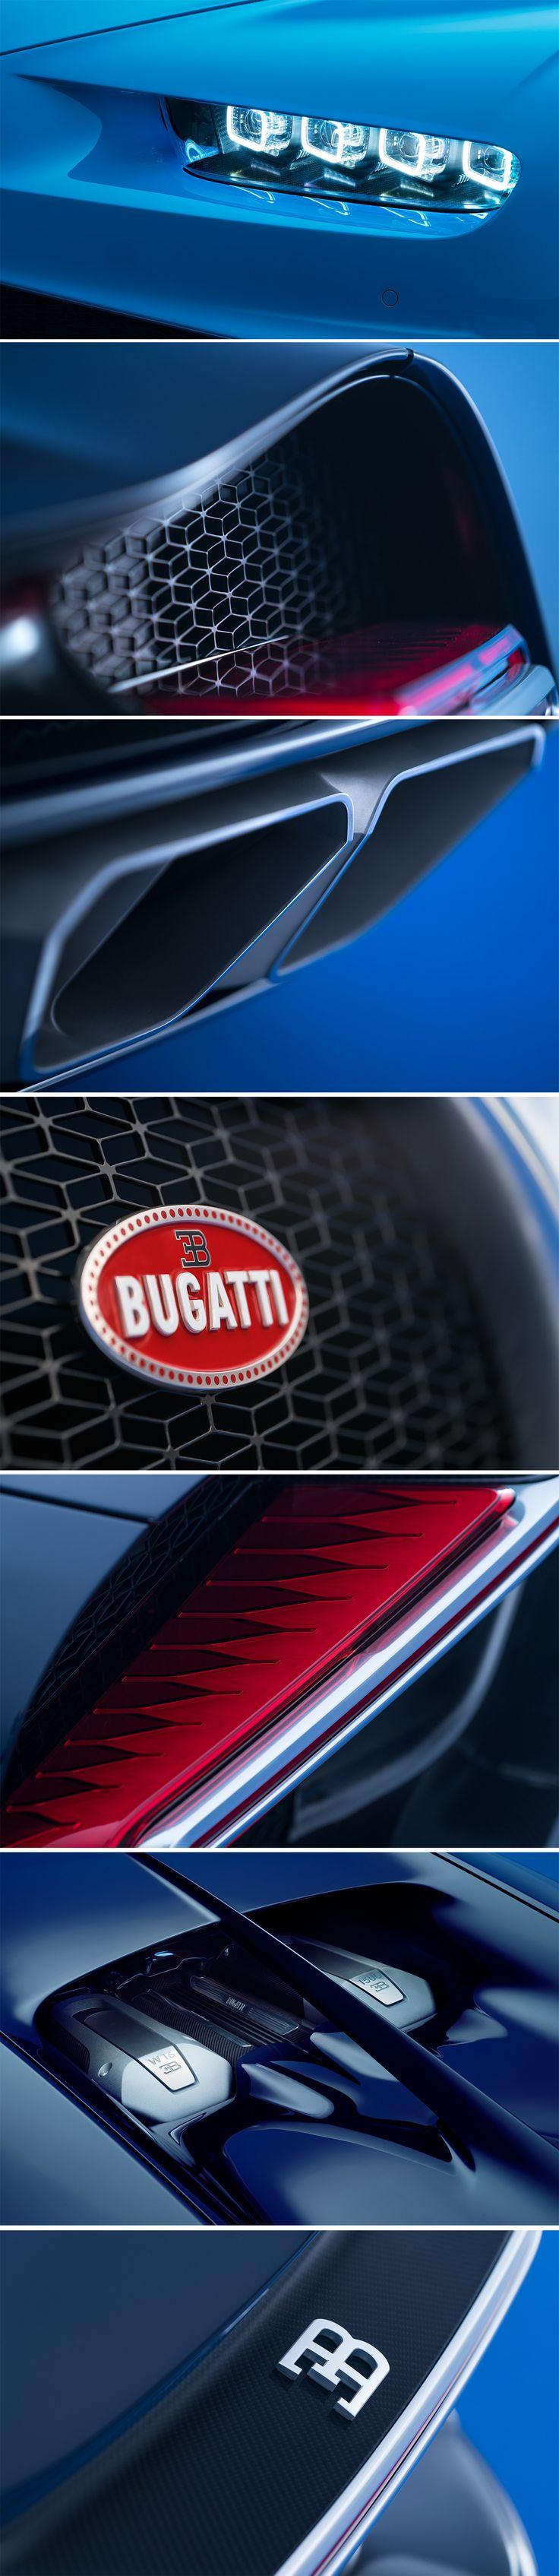 Bugatti Chiron, Exterior Details #Bugatti #Chiron